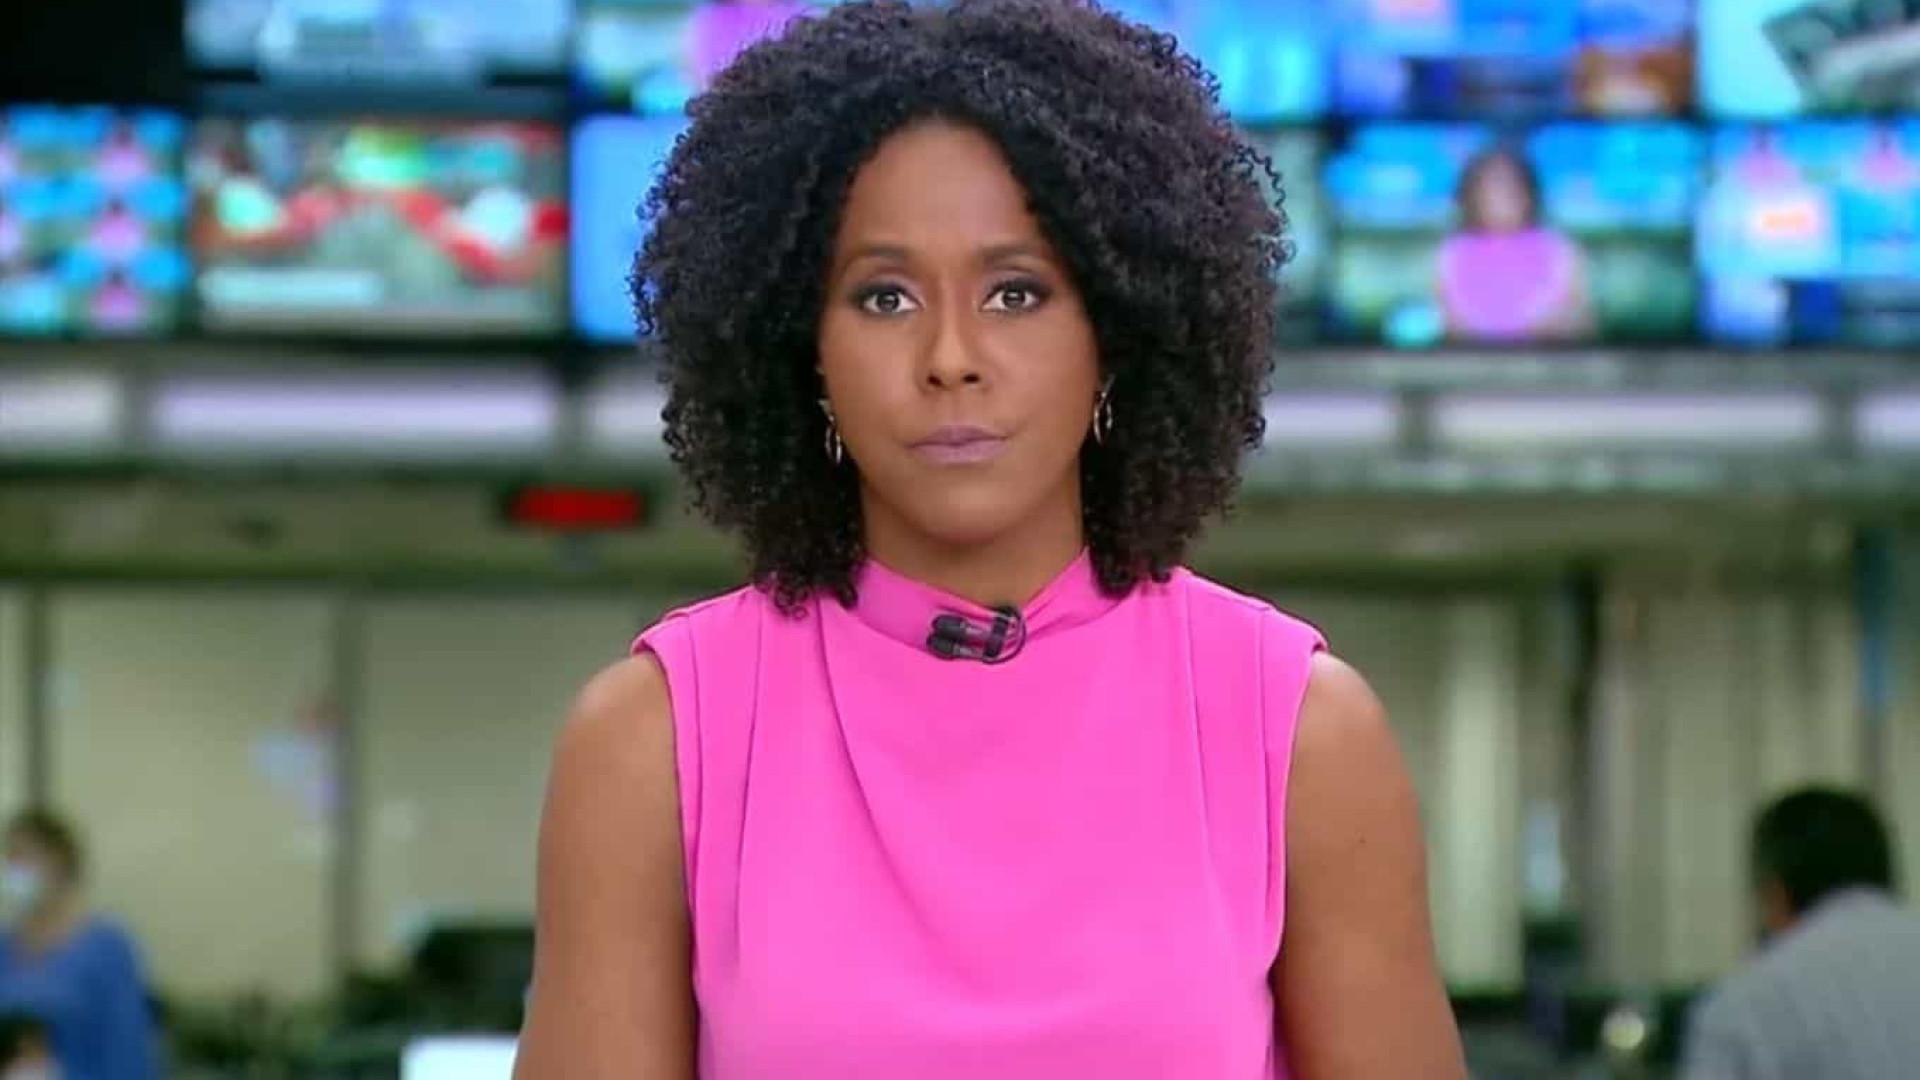 Maju Coutinho critica lógica racista de que 'preto parado é suspeito e correndo é culpado'